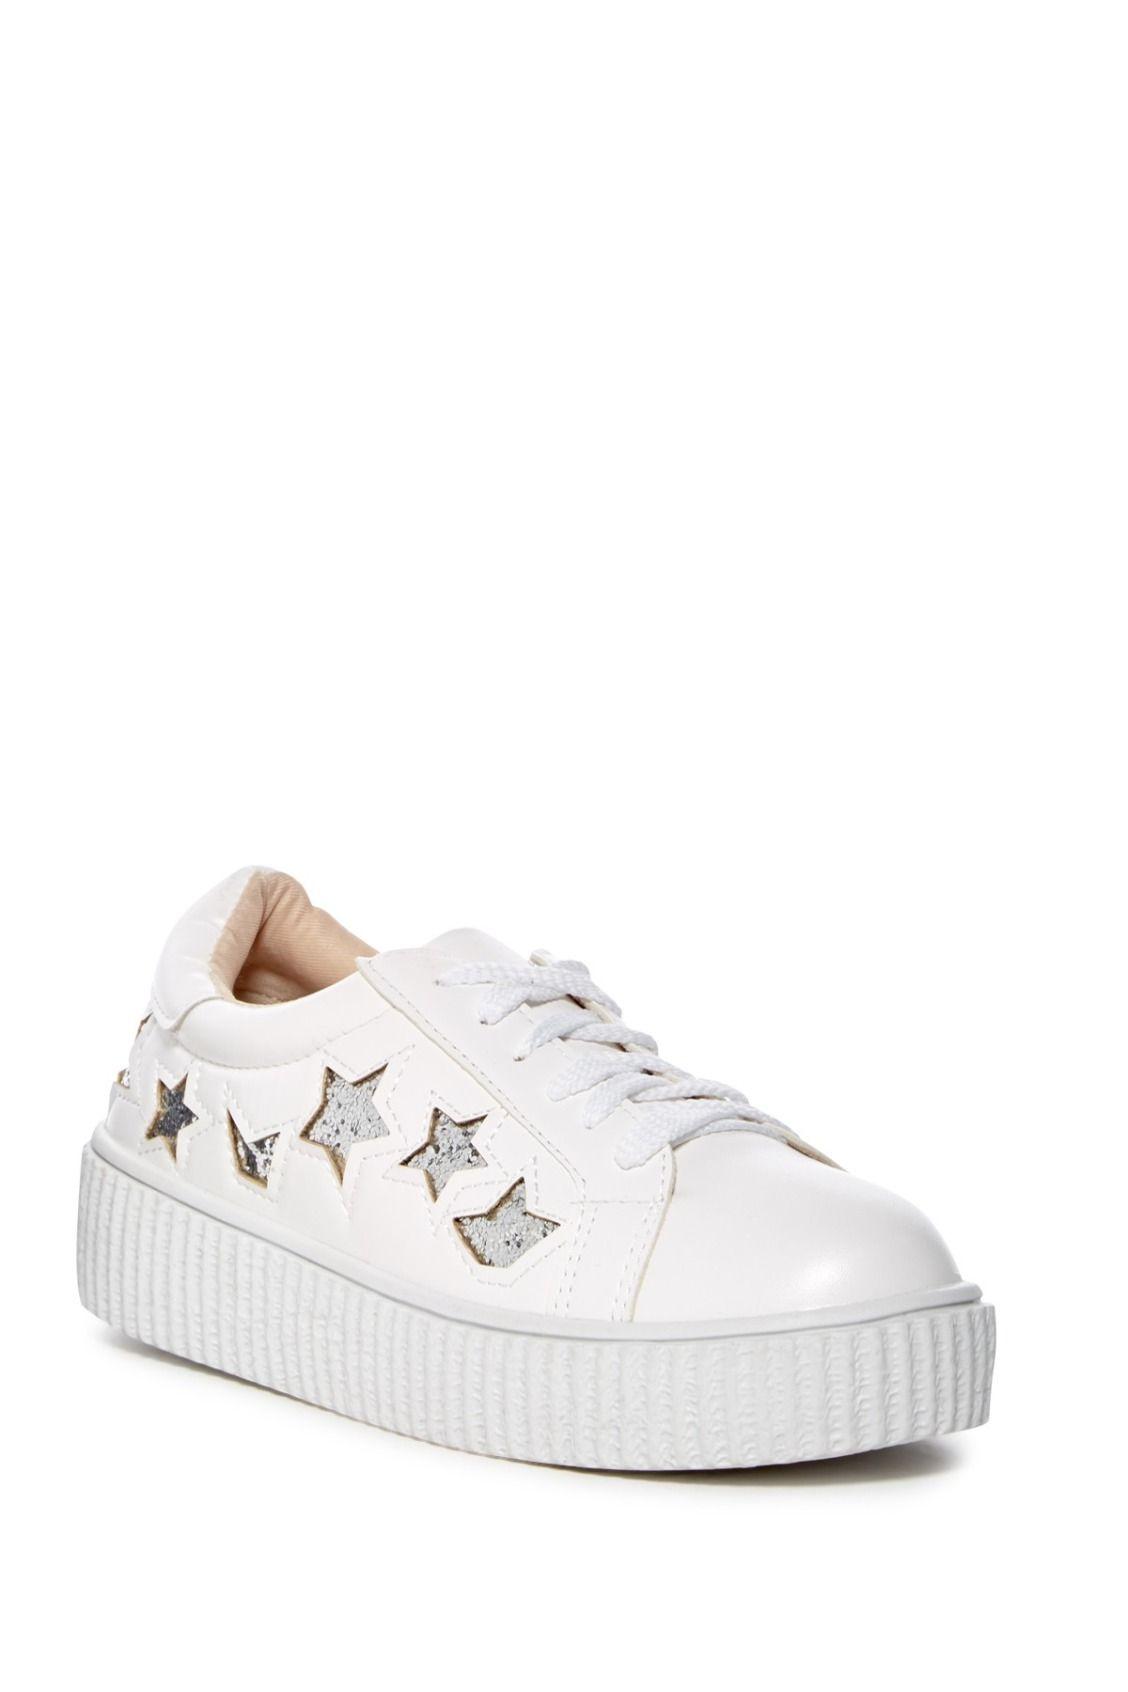 Chase \u0026 Chloe Katie Flatform Sneakers